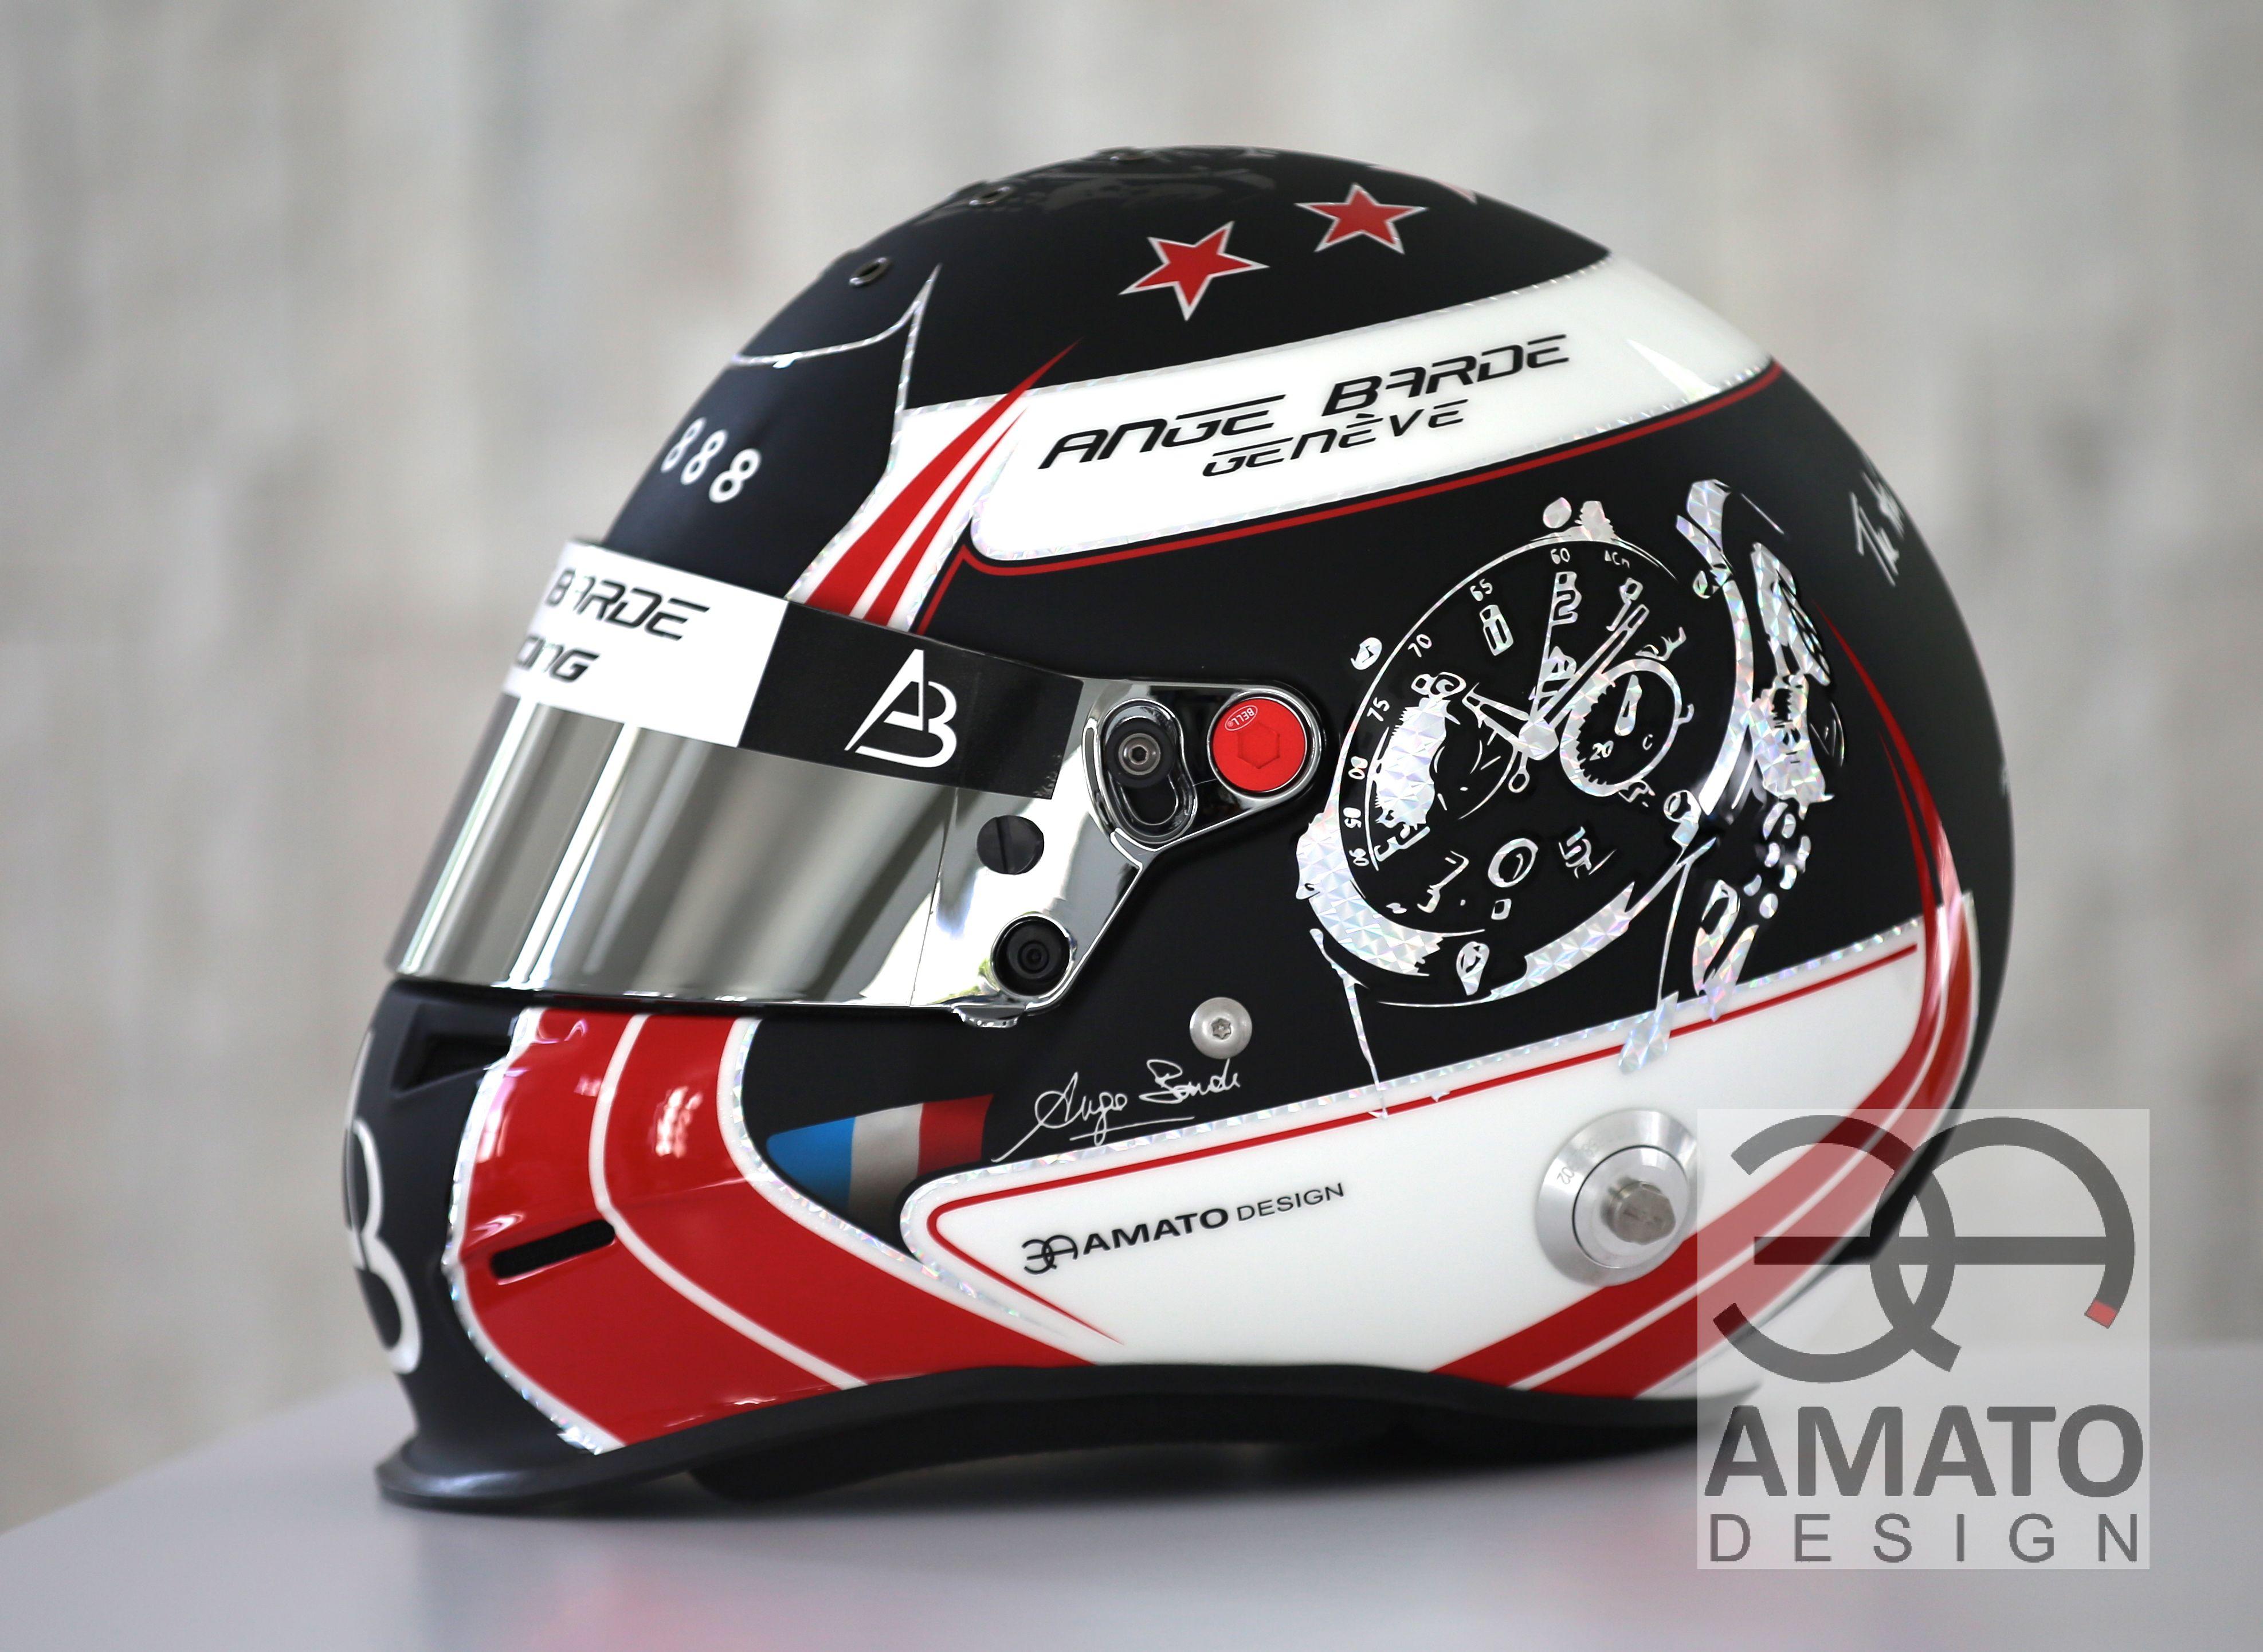 Nouveau casque d'Ange BARDE pour la saison 2017